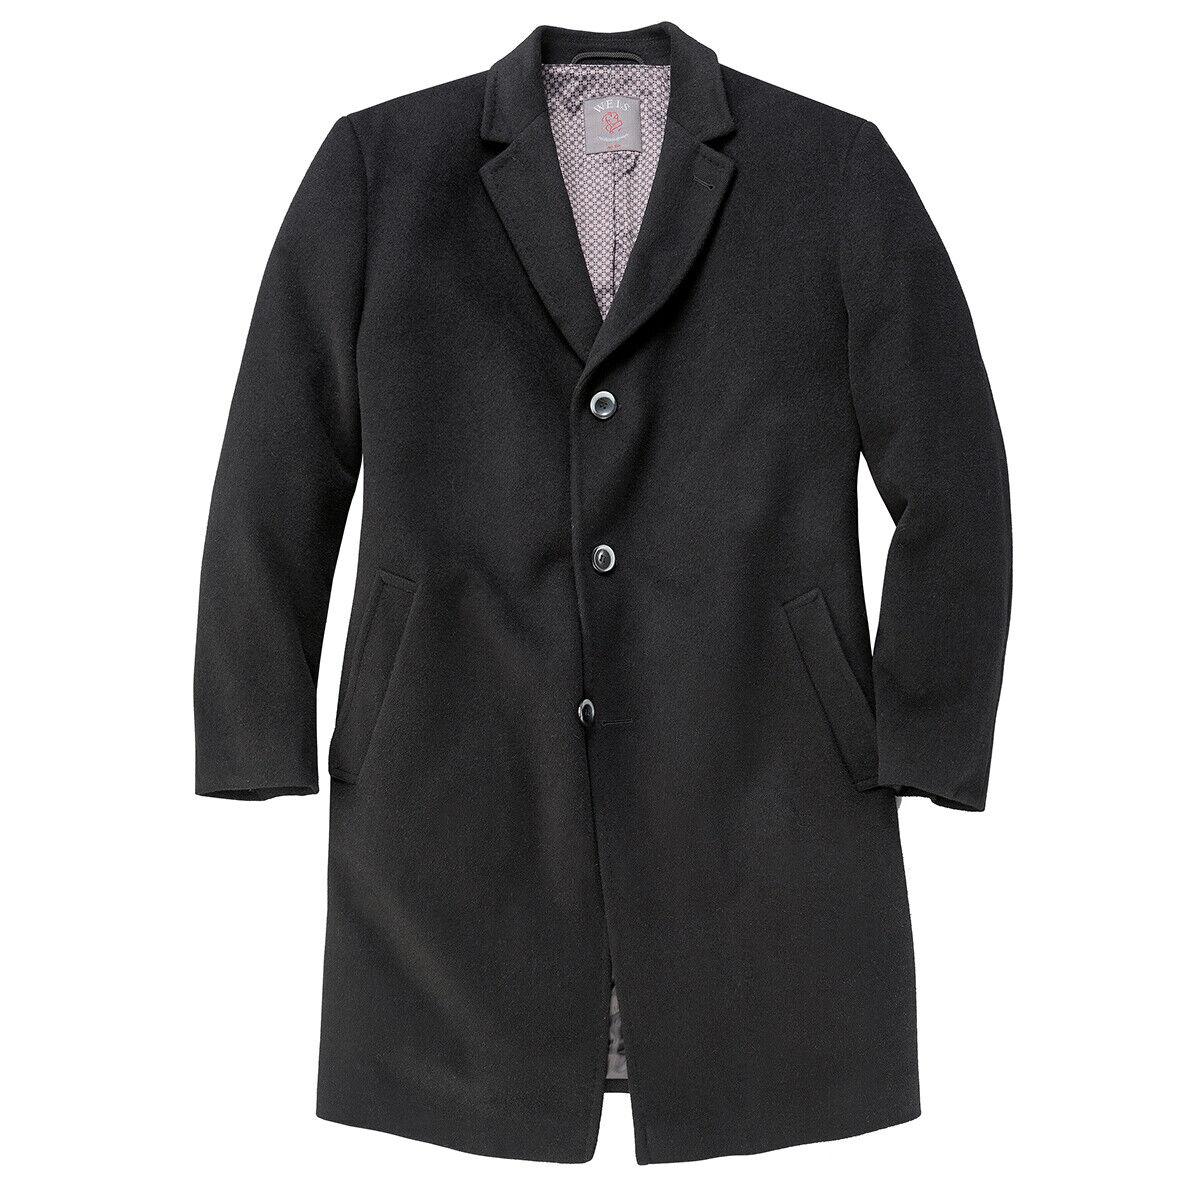 Gebr. Weis Weis Weis schwarzer Mantel Übergröße b6b583